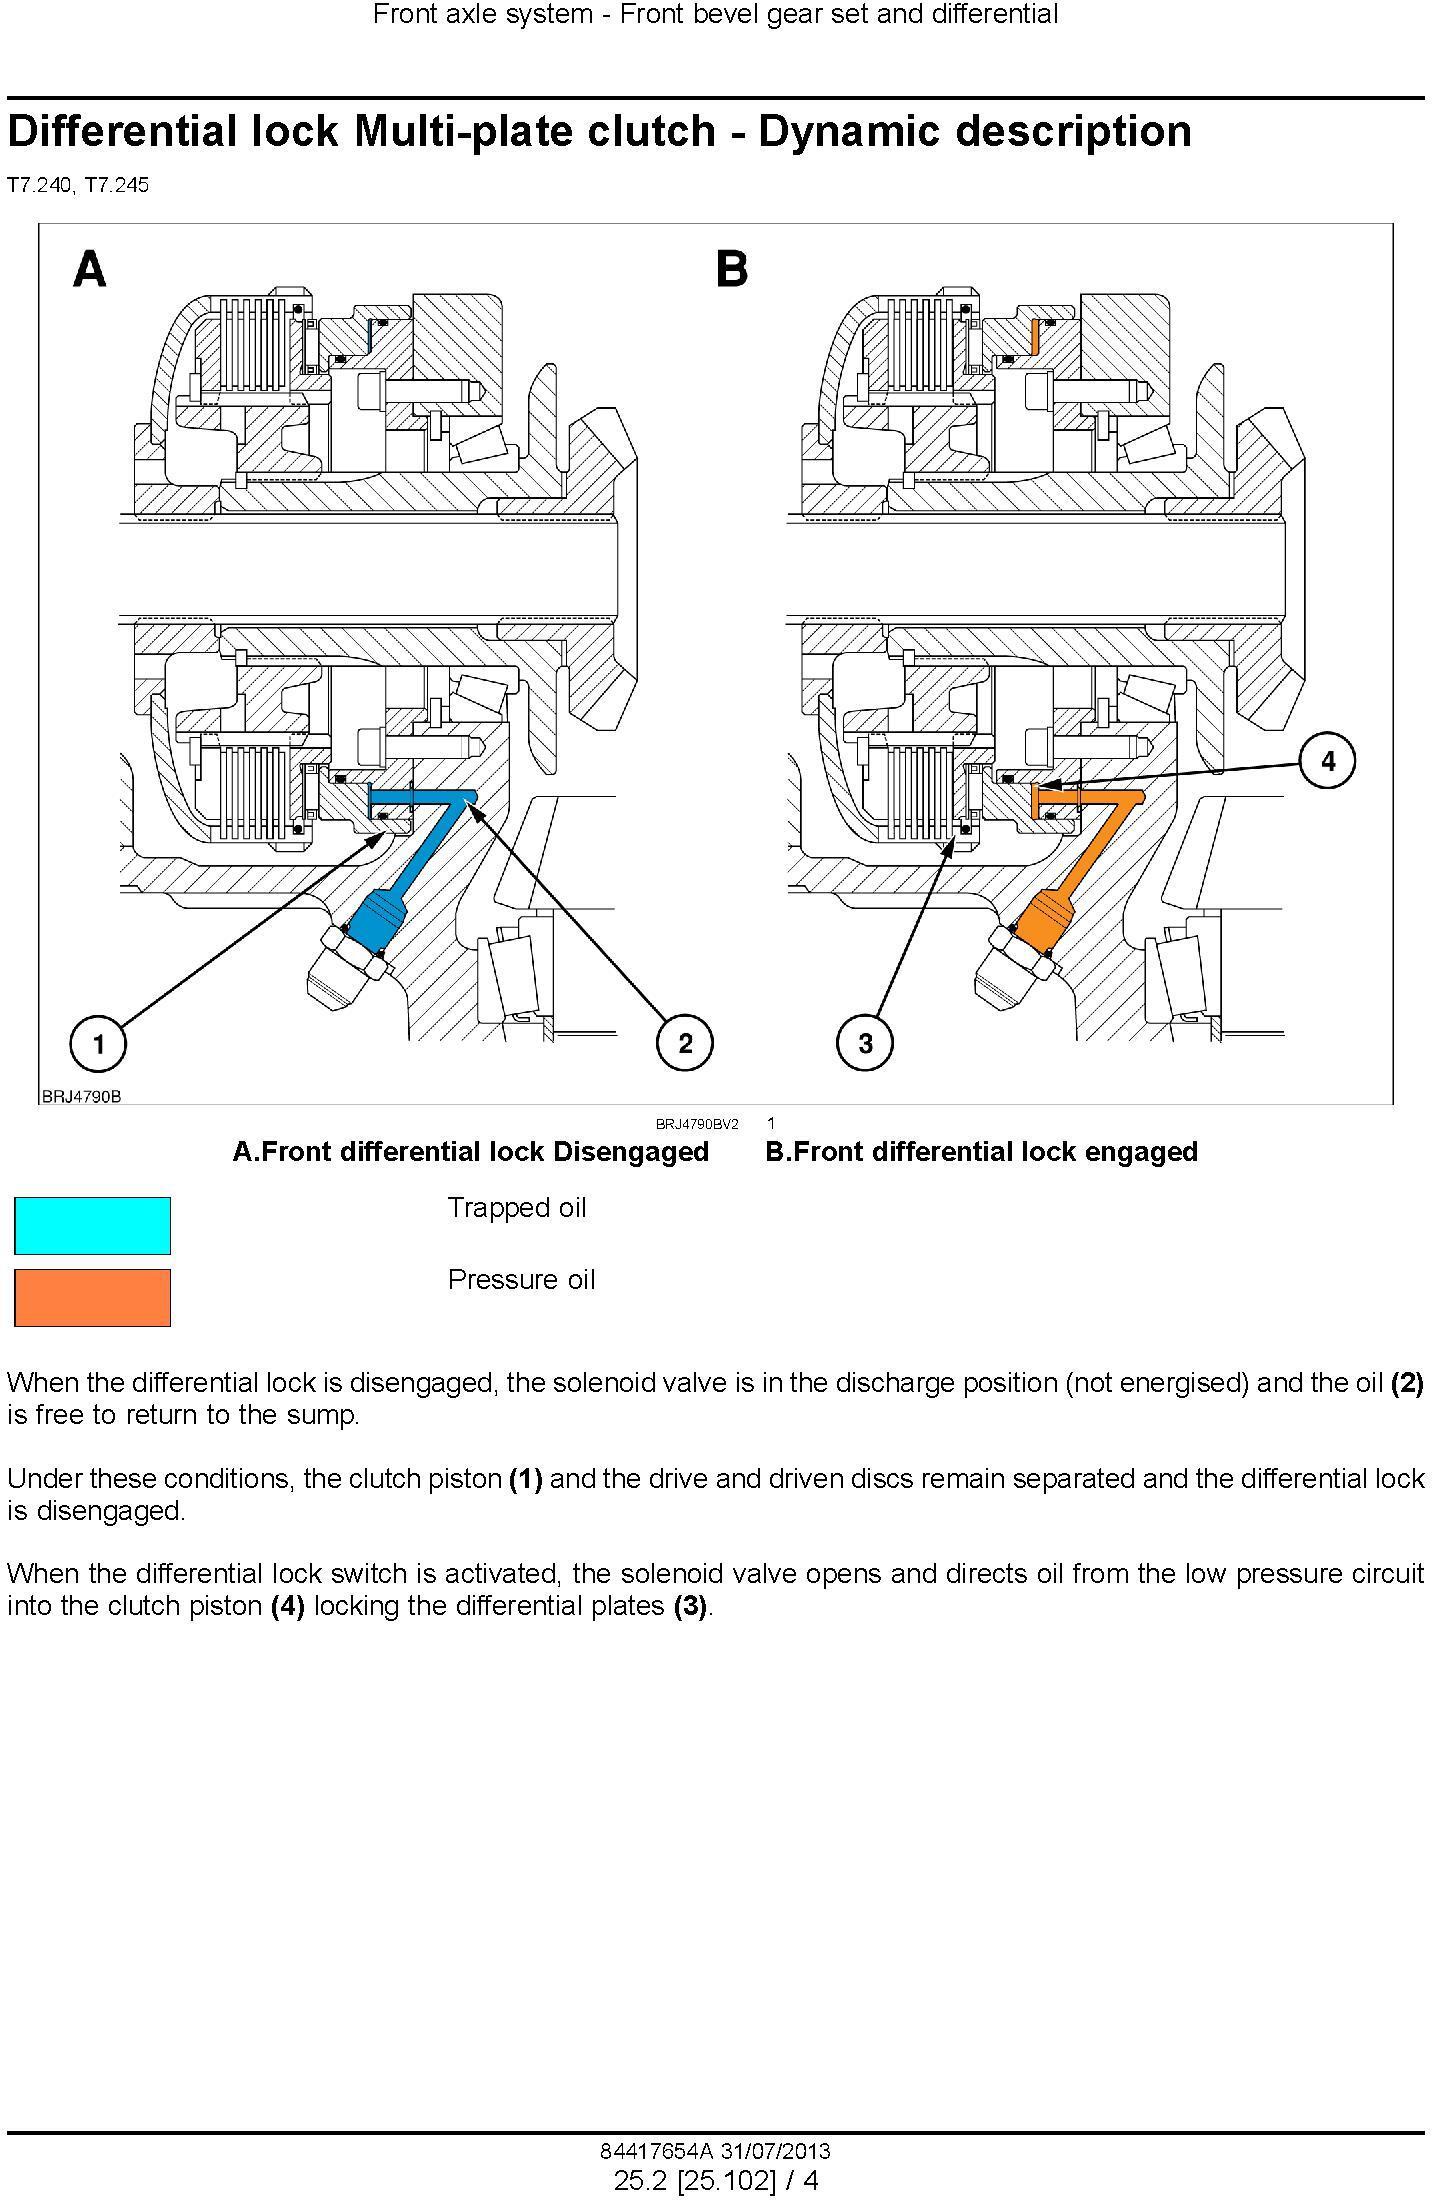 New Holland T7.240, T7.245 Brazil Built Tractors Service Manual - 2